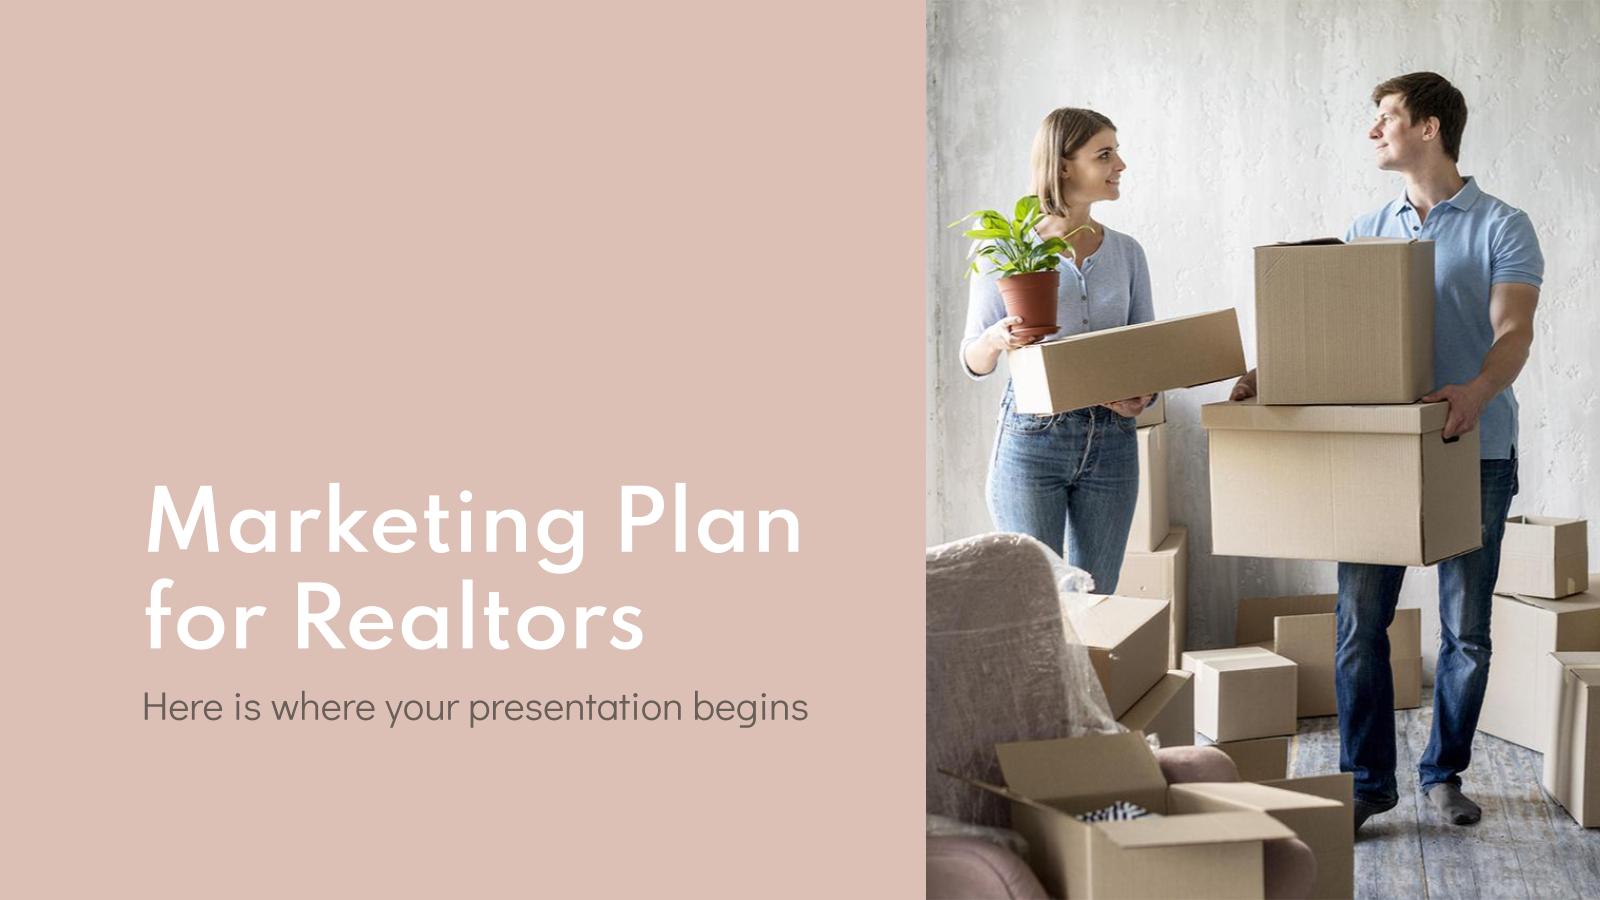 Plan marketing pour les agents immobiliers : Modèles de présentation